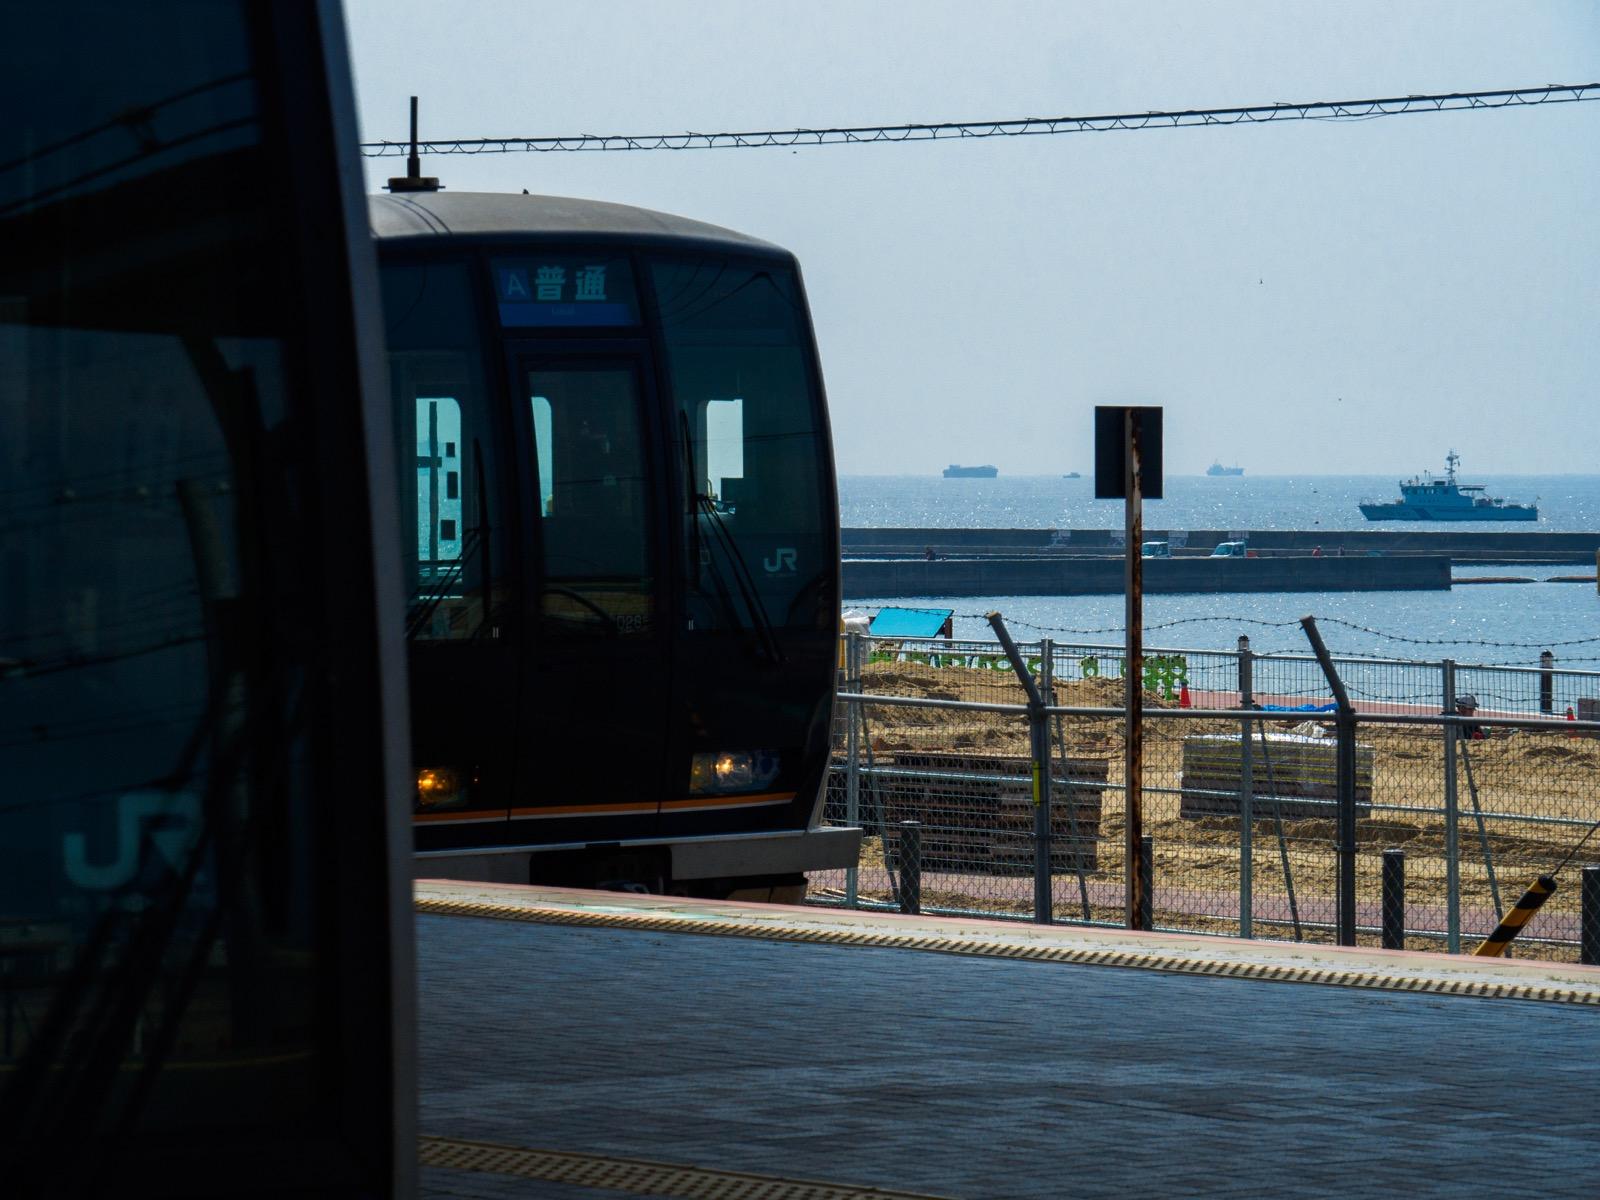 須磨駅に停車する列車と、大阪湾を行き交う船